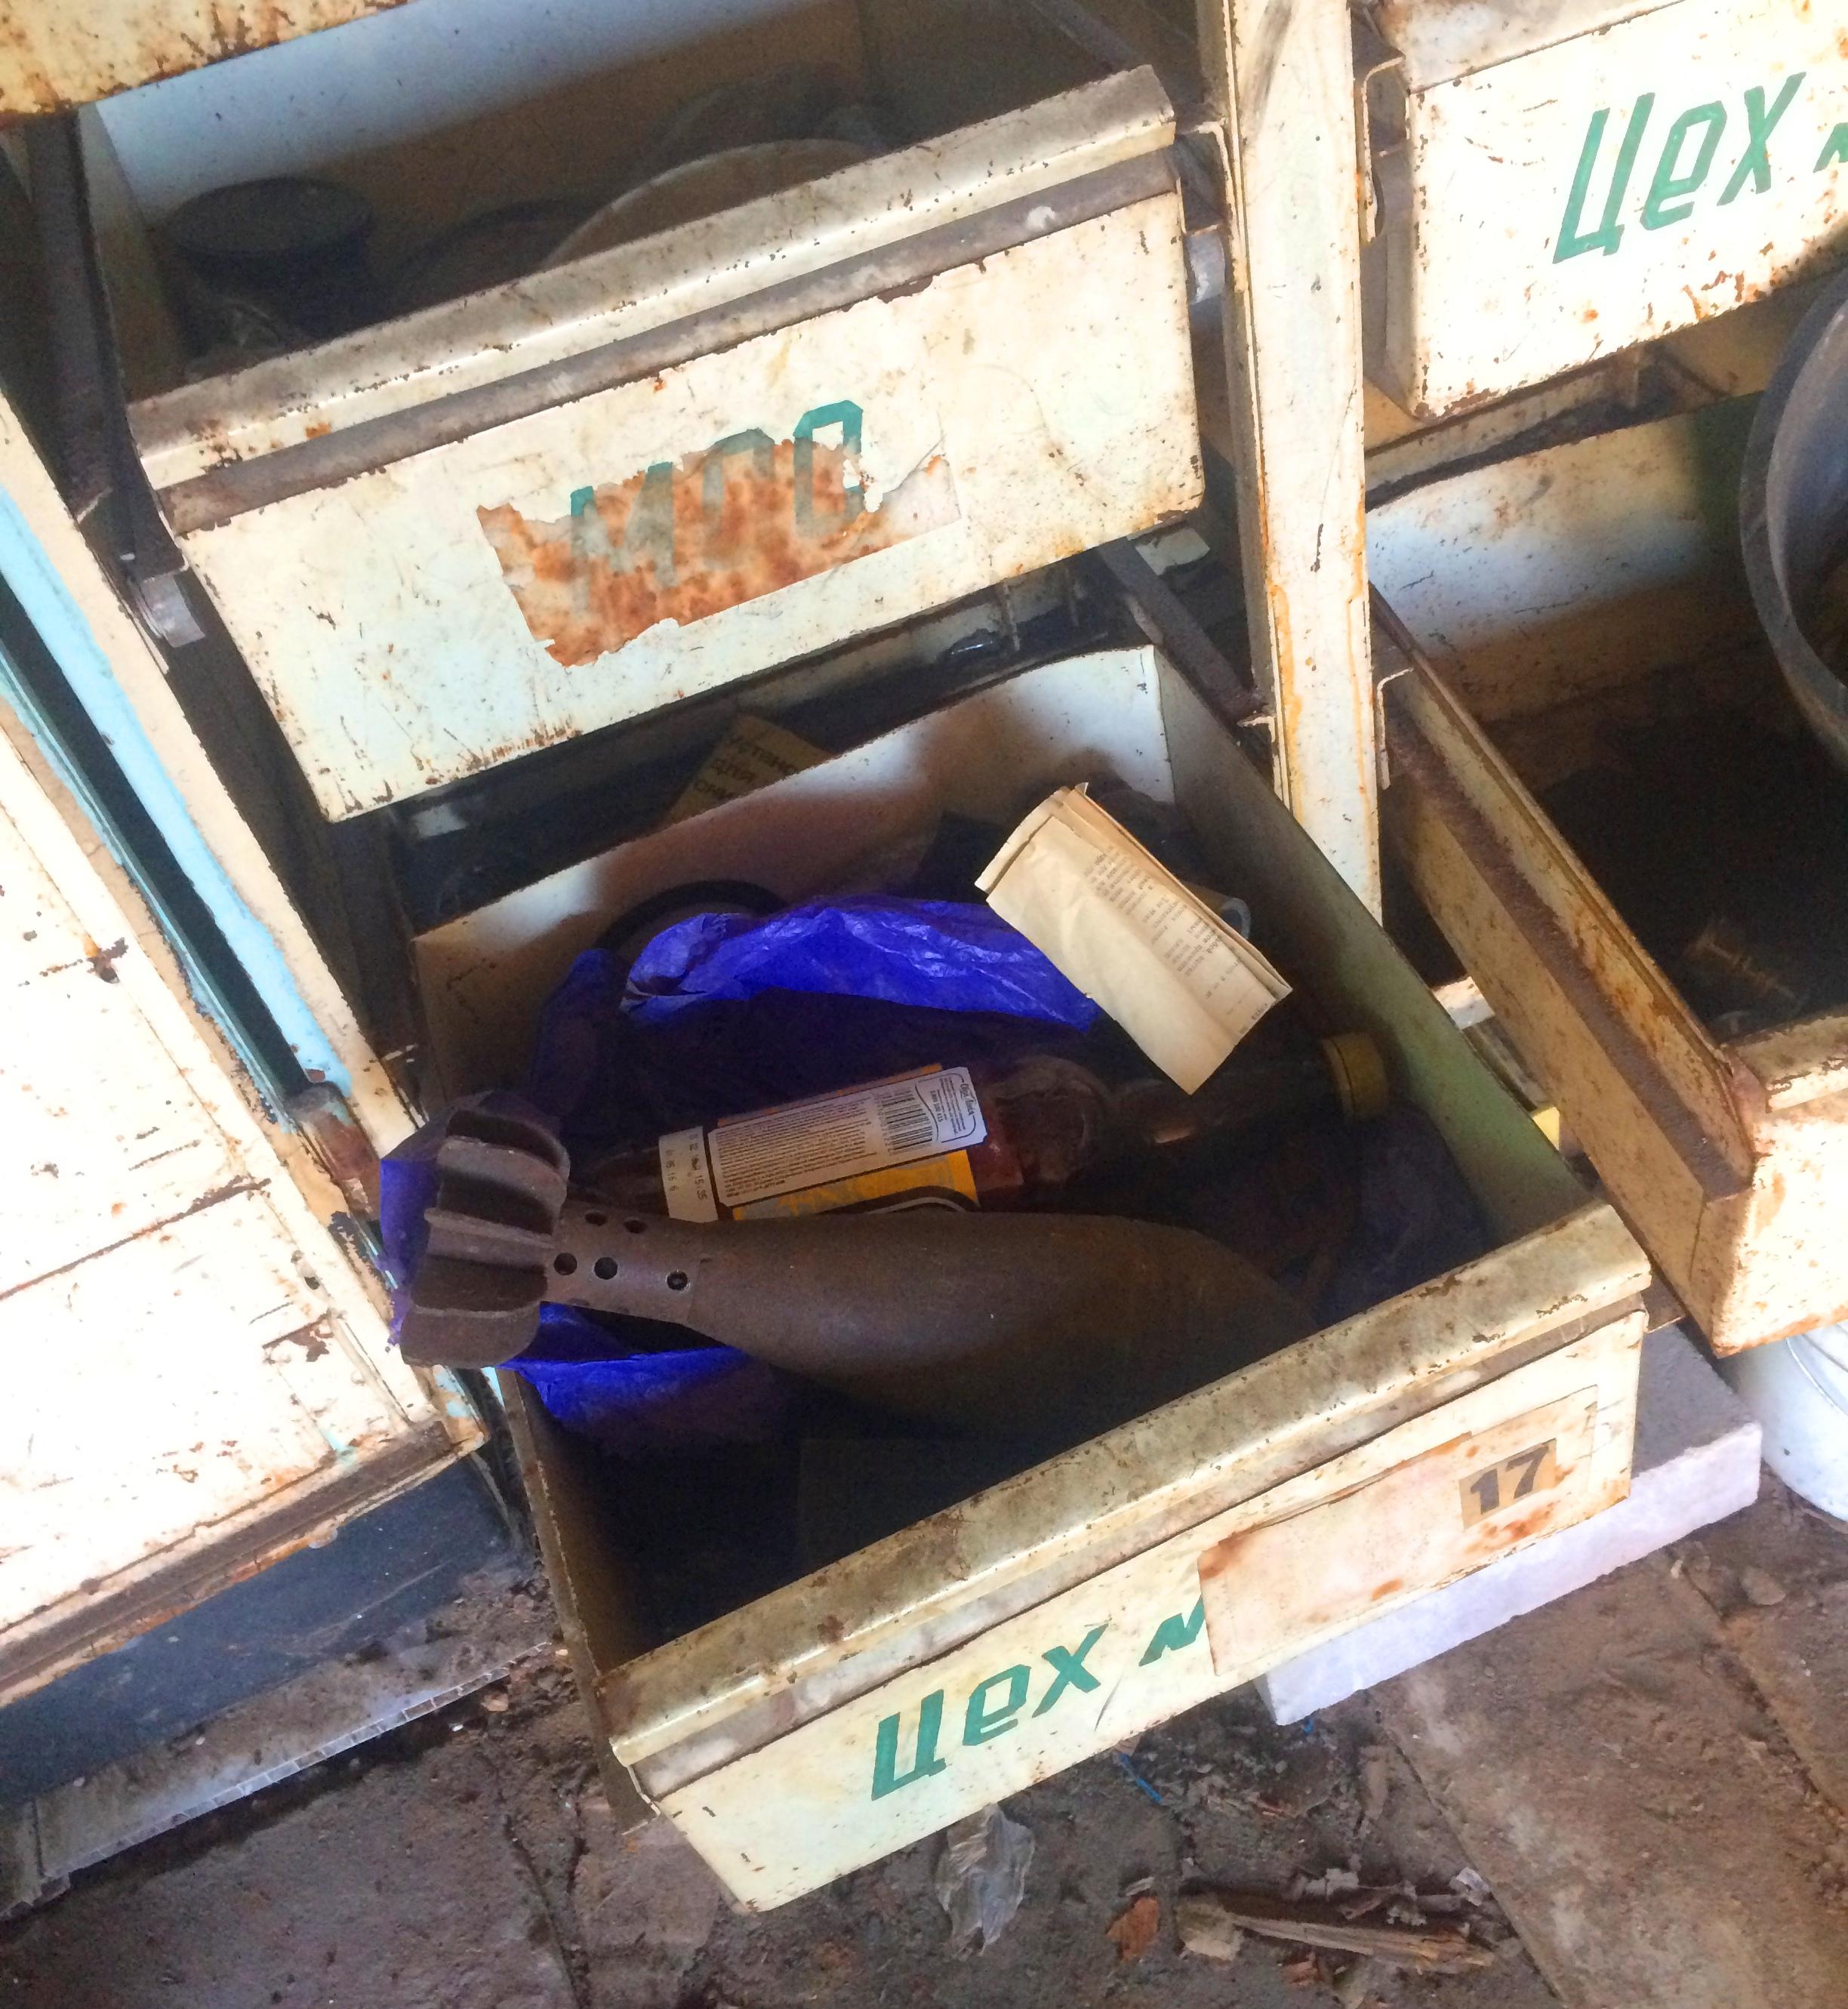 1105_mina В гаражному приміщенні на Бородянщині знайшли мінометну міну